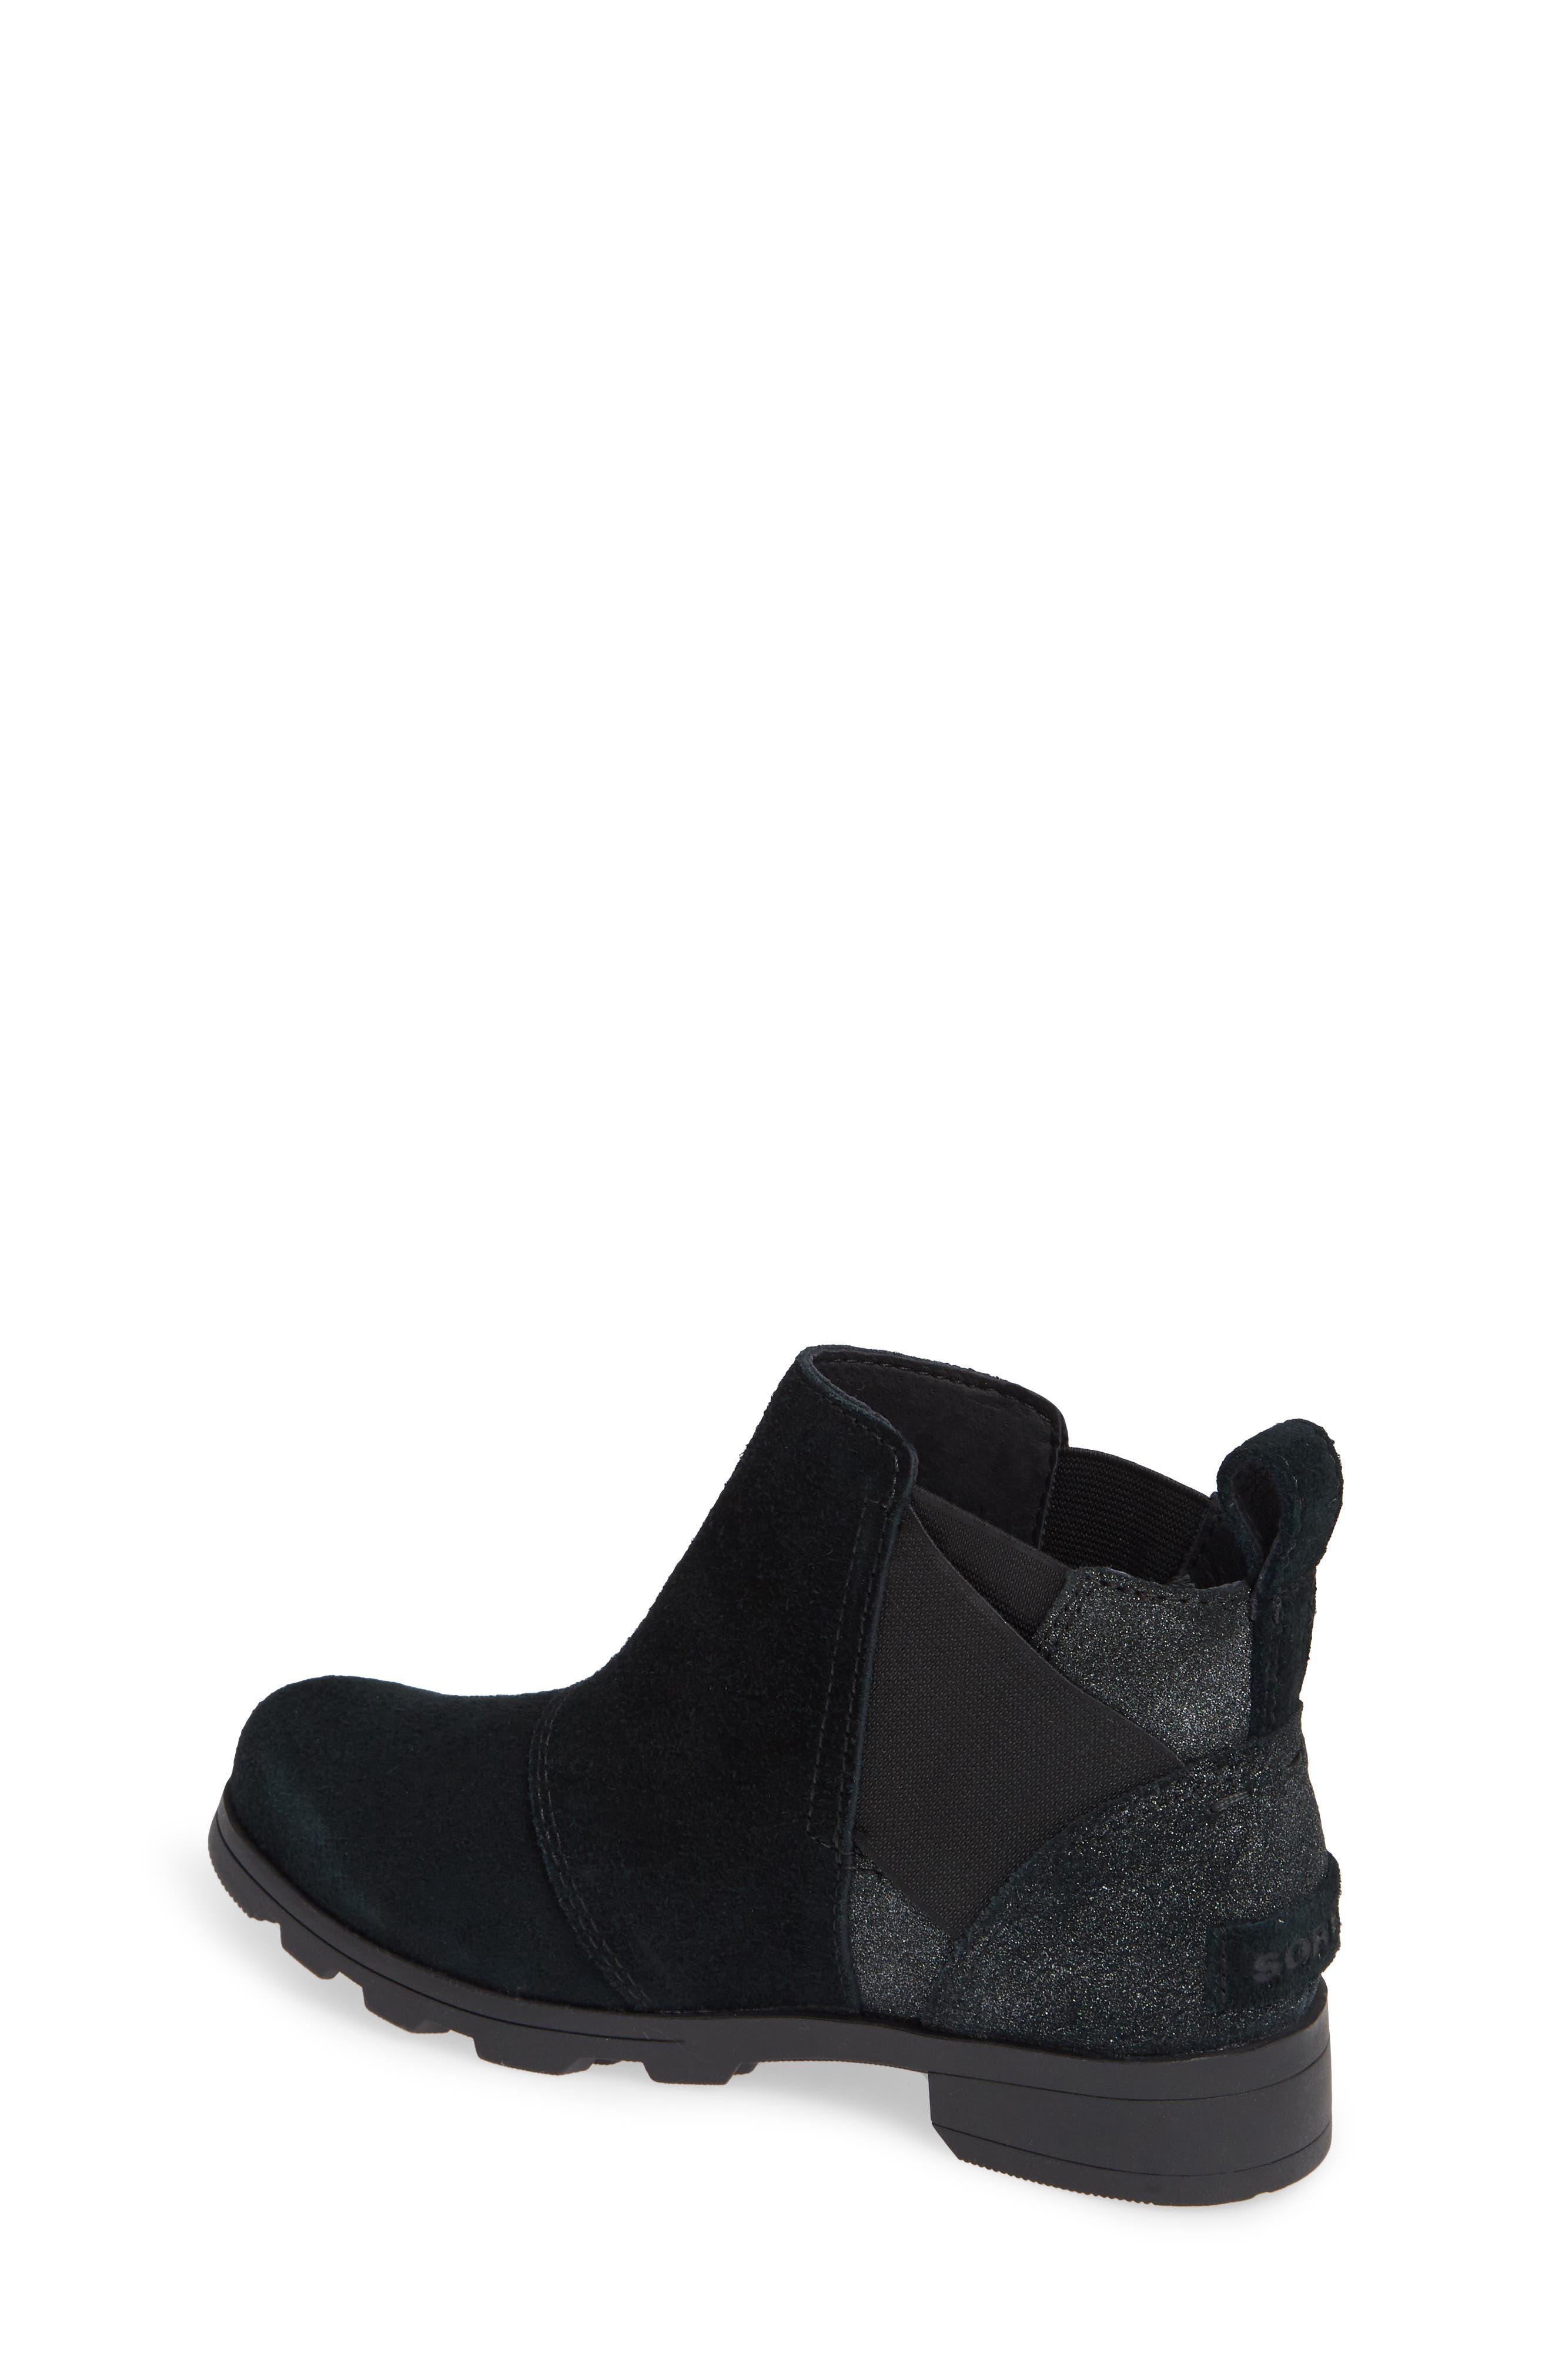 Emelie Waterproof Chelsea Boot,                             Alternate thumbnail 2, color,                             BLACK